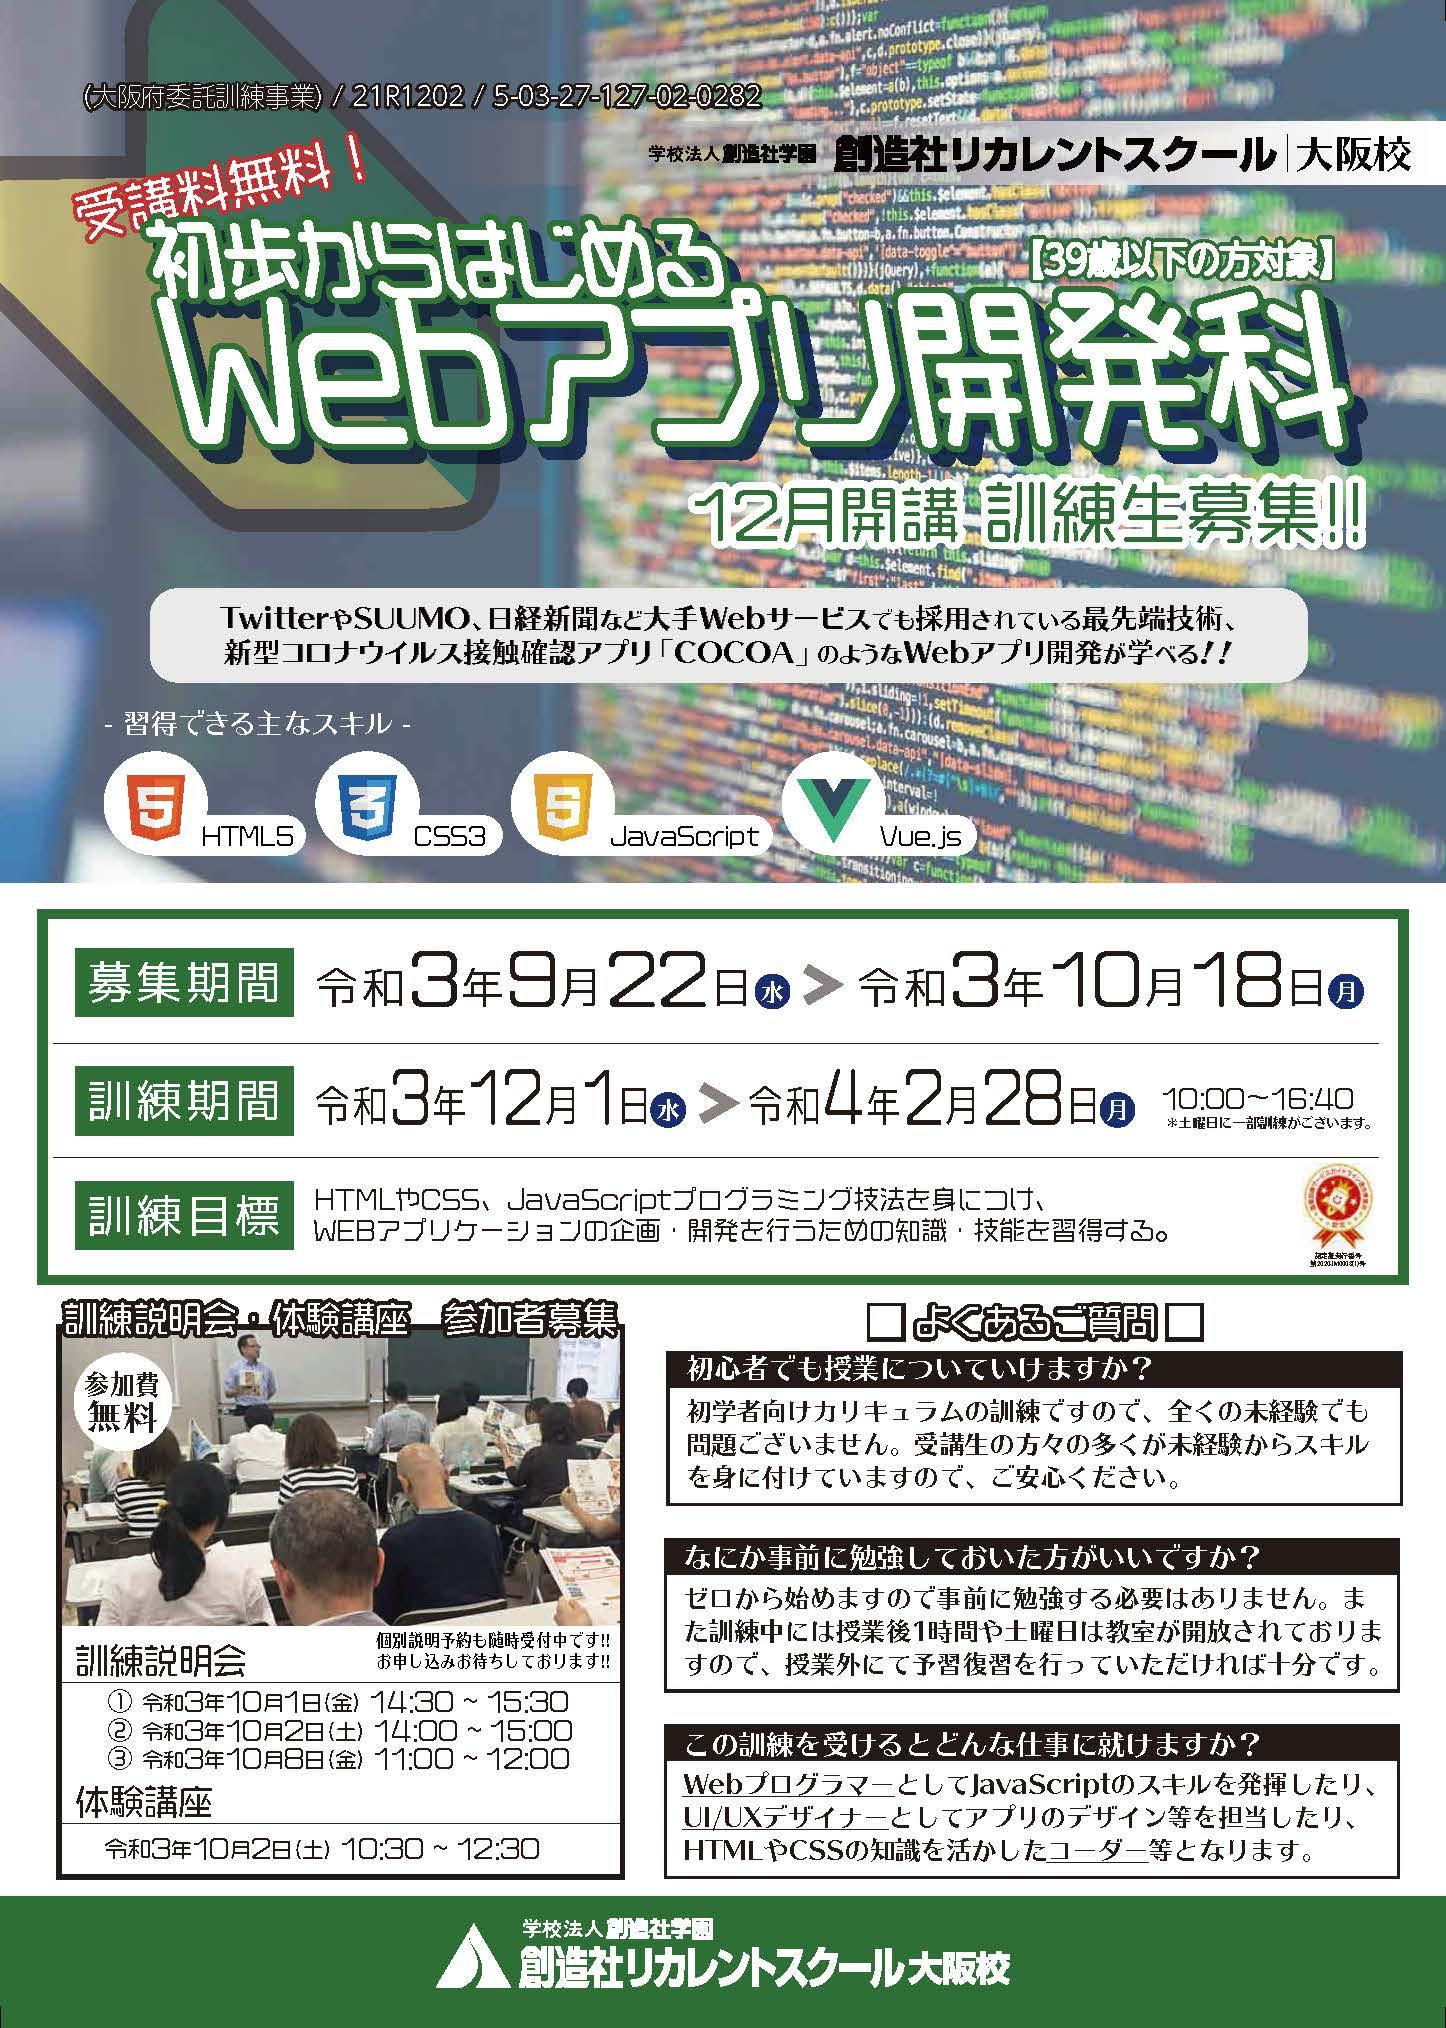 学校法人創造社学園創造社リカレントスクール 初歩からはじめるWebアプリ開発科(3か月)【39歳以下の方対象】